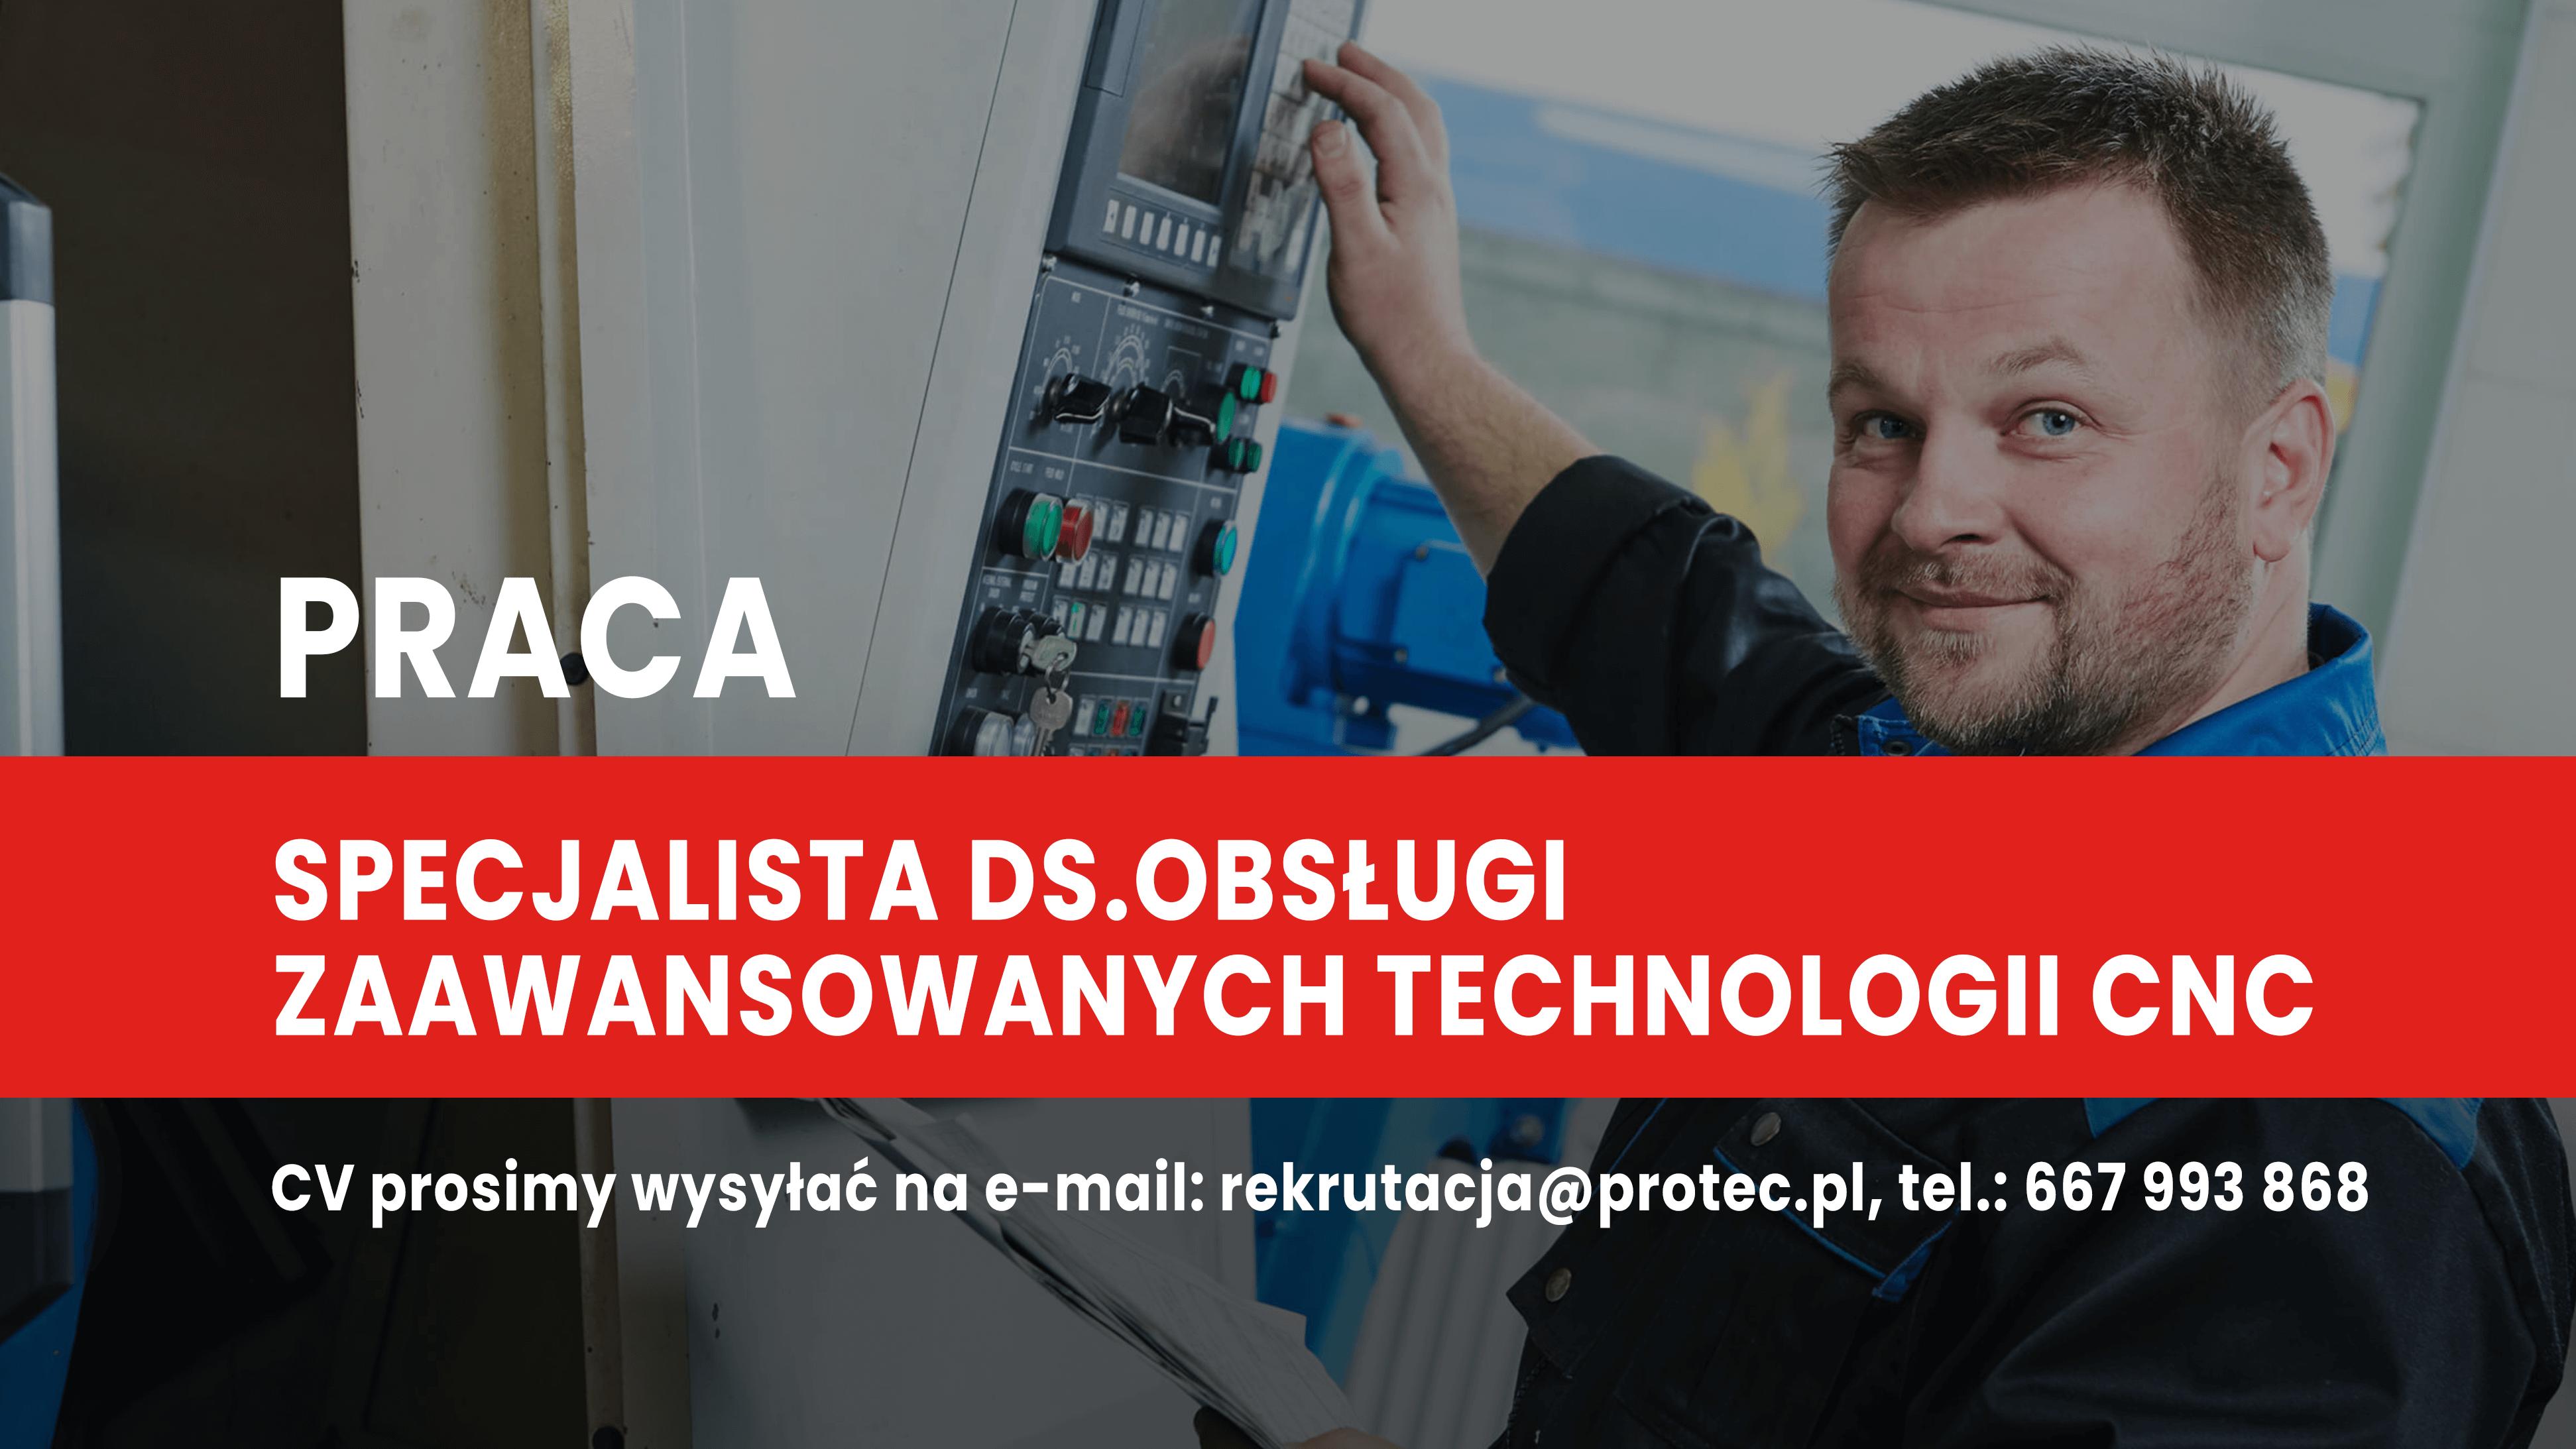 Specjalista ds.obsługi zaawansowanych technologii CNC